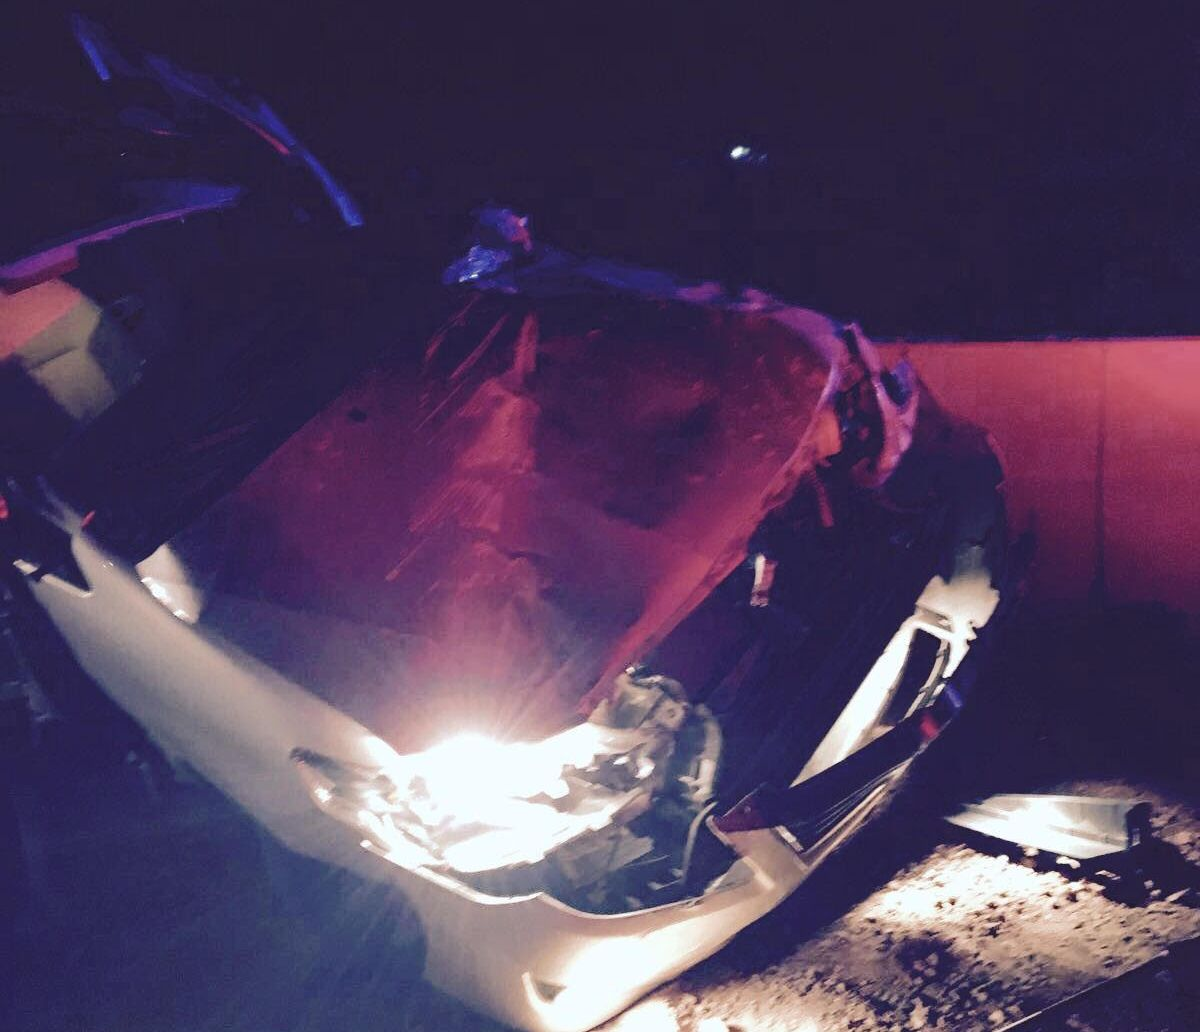 حادث تصادم بالمدينة (3)